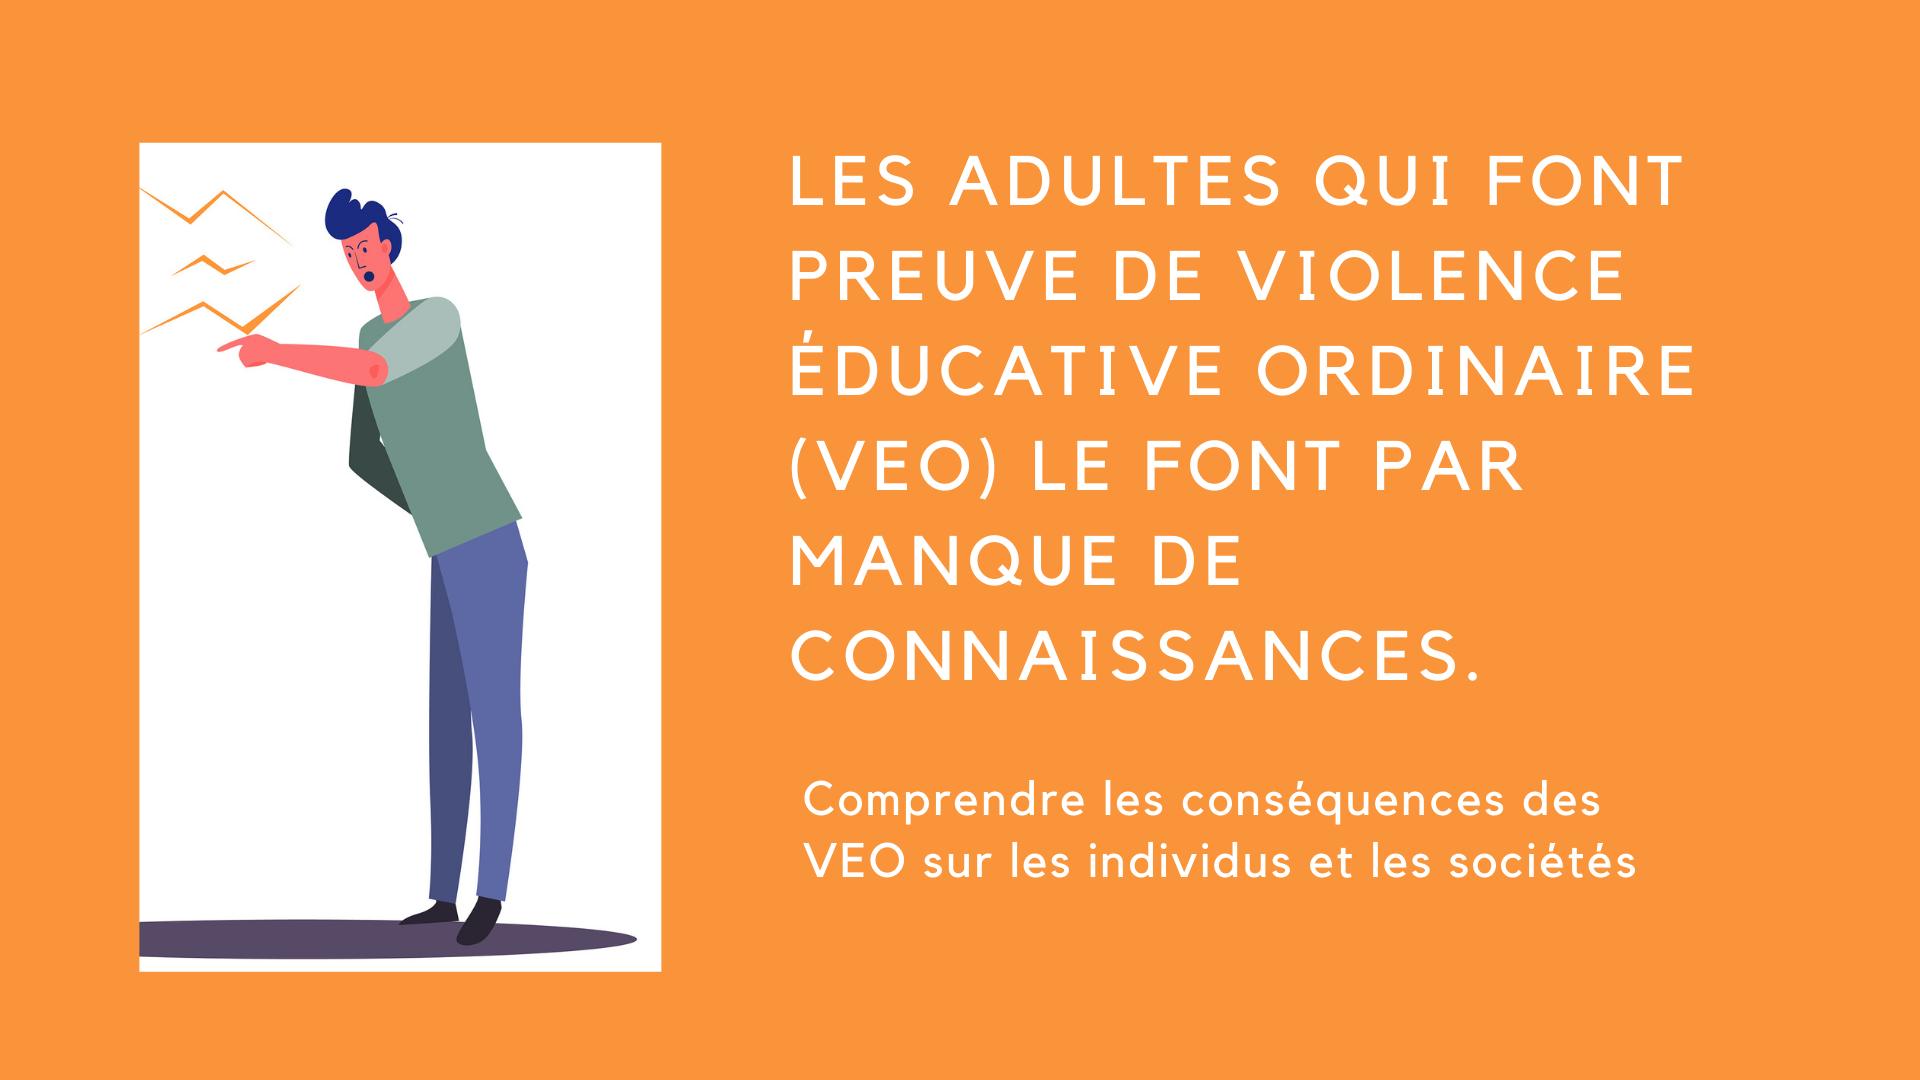 manque connaissances violence éducative ordinaire